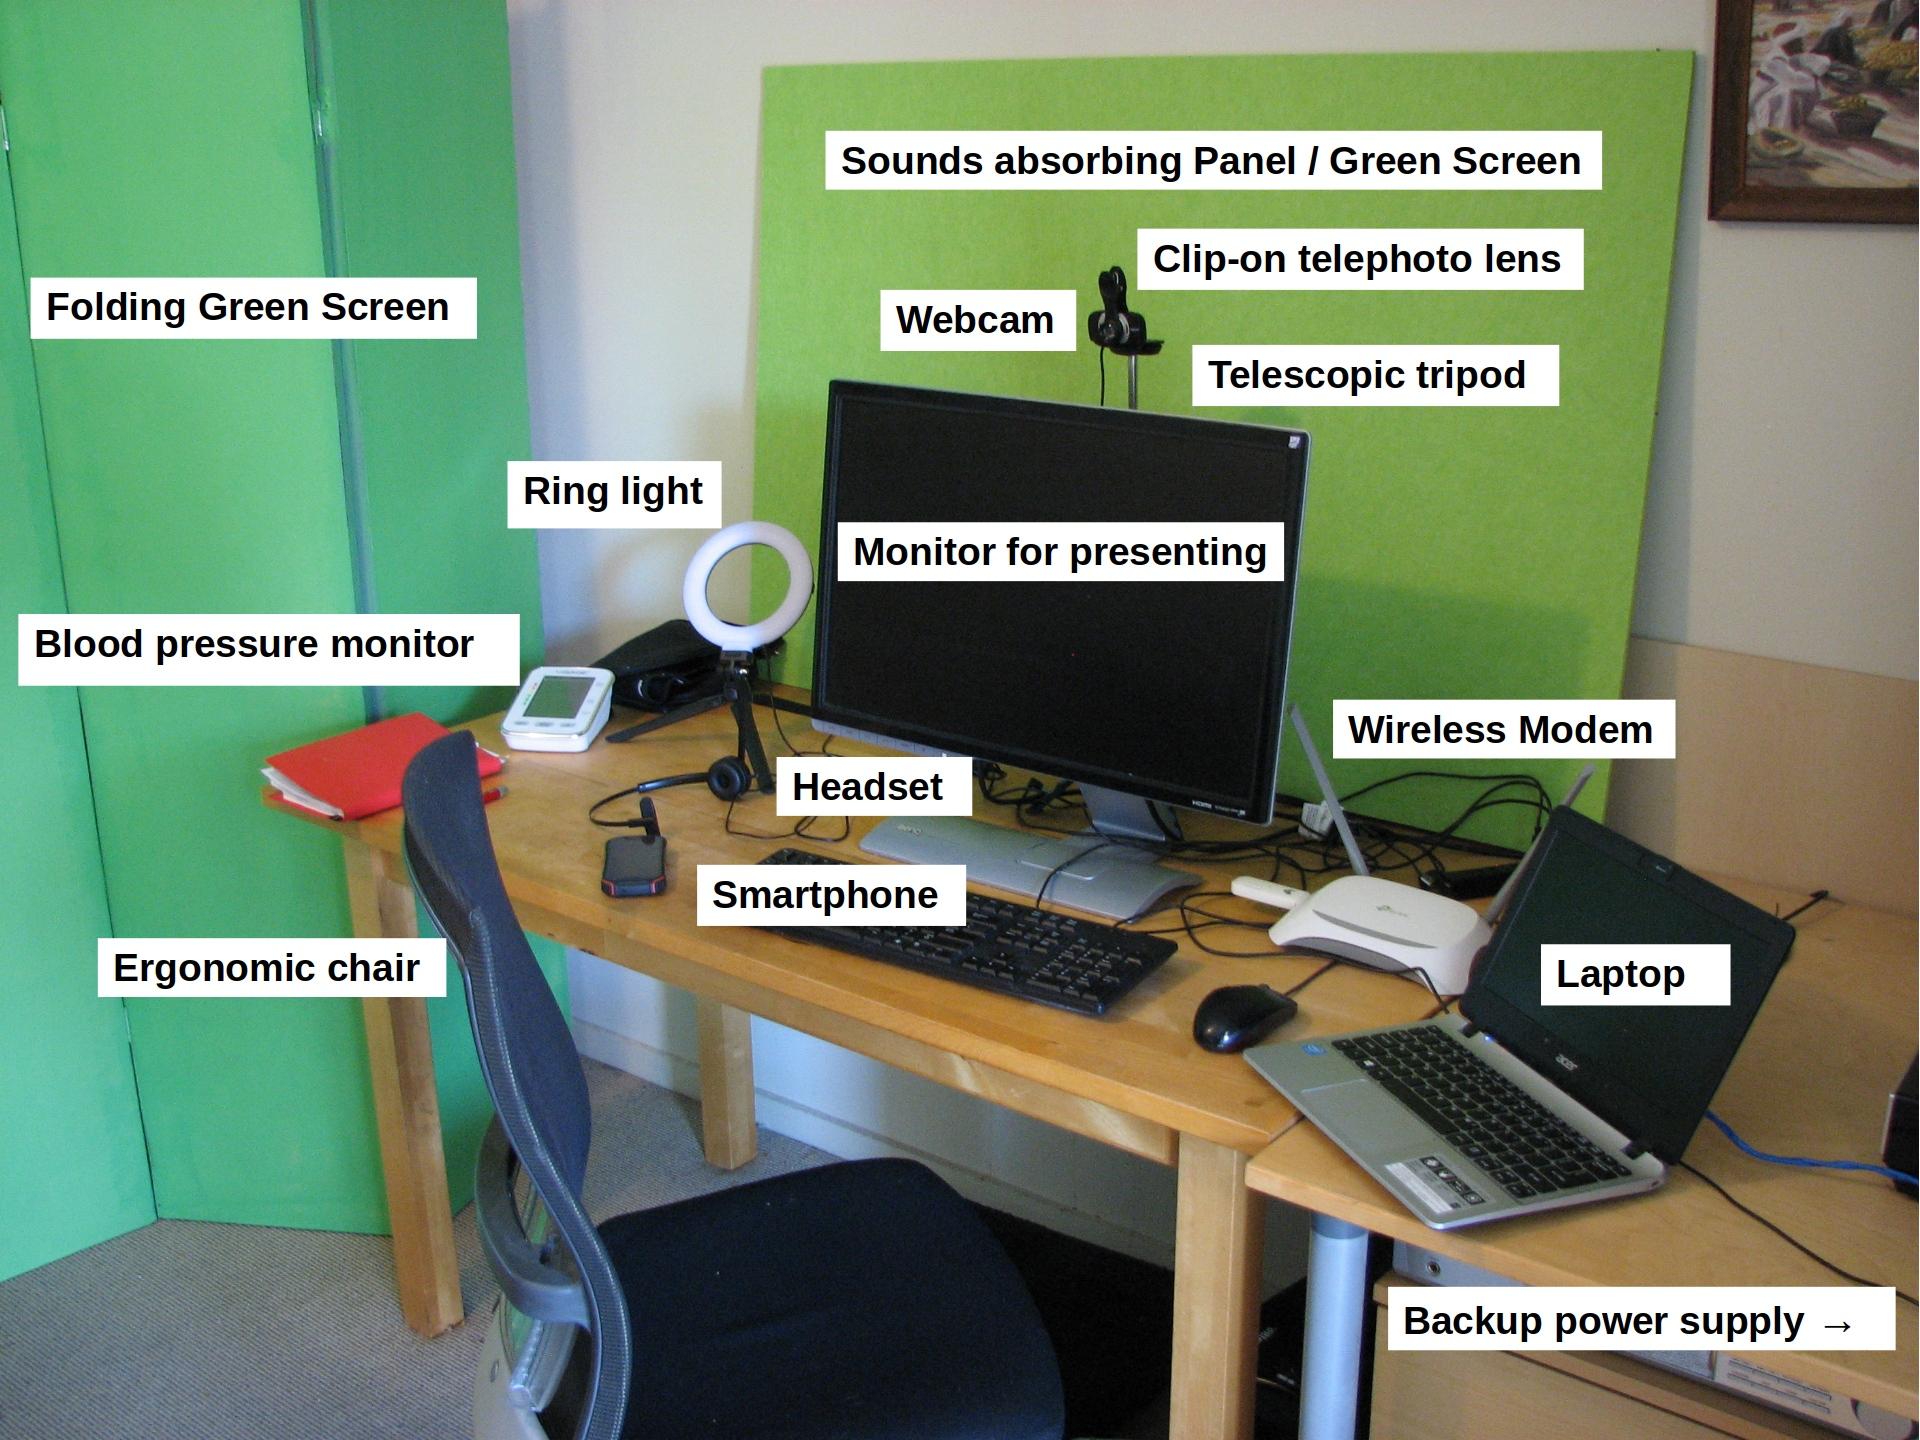 Home office webinar setup, Tom Worthington, CC BY, 2 September 2021